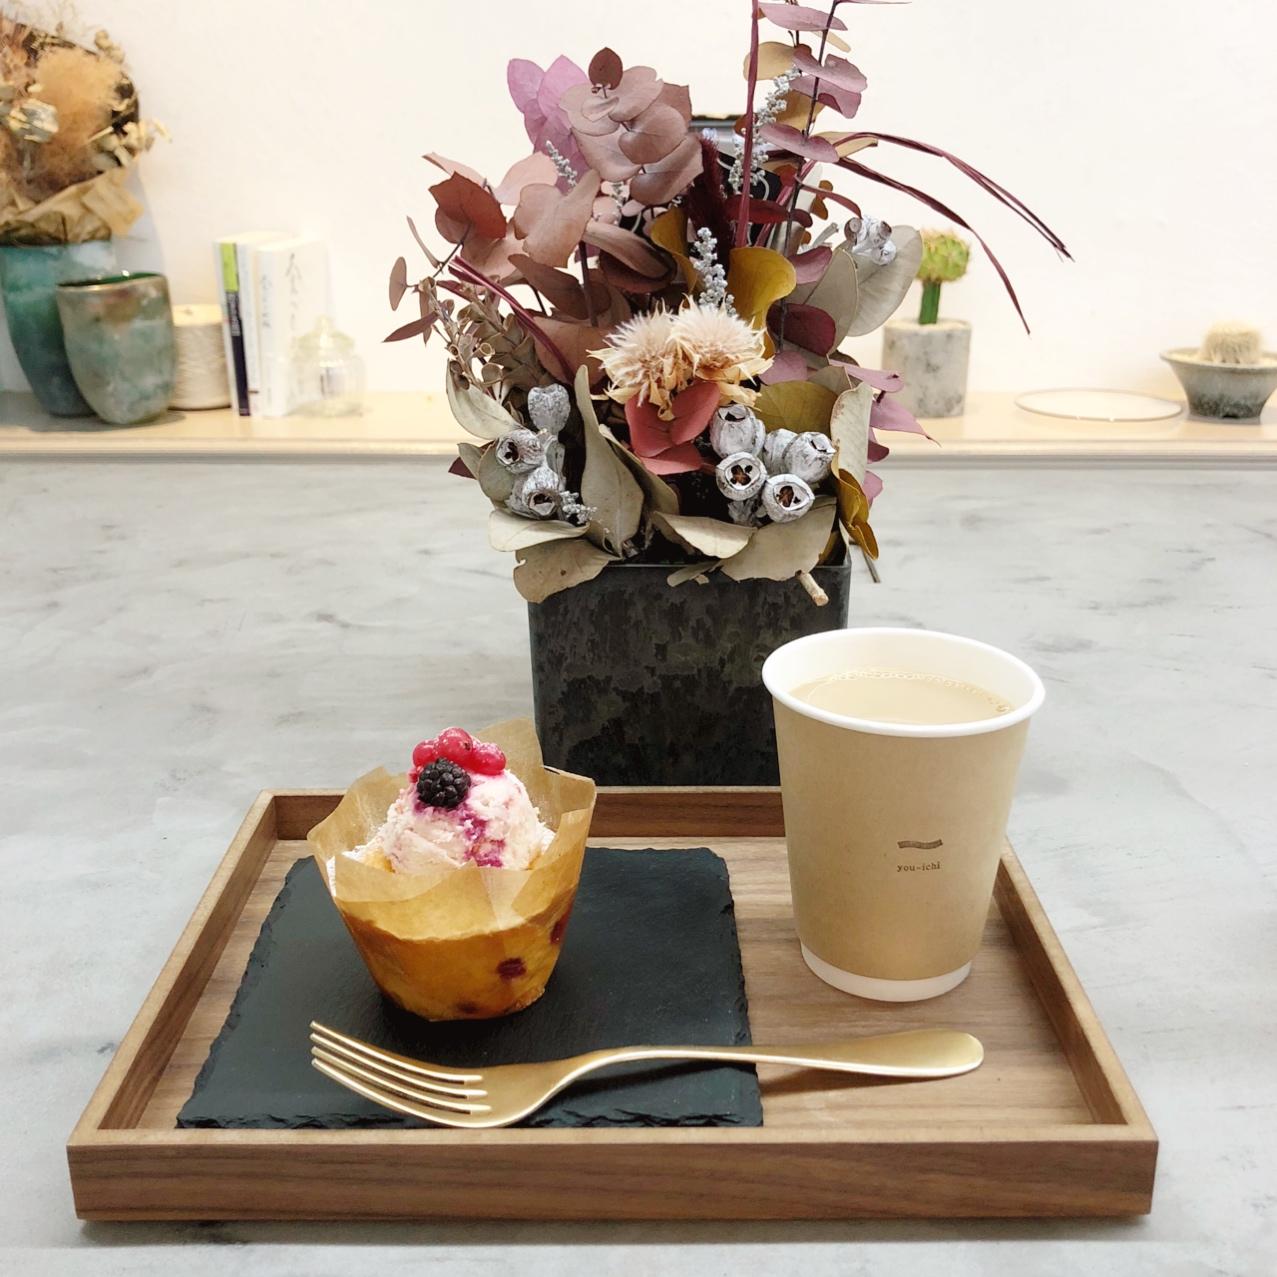 広島女子旅特集 2019 | 人気のお土産やグルメスポットは?_9